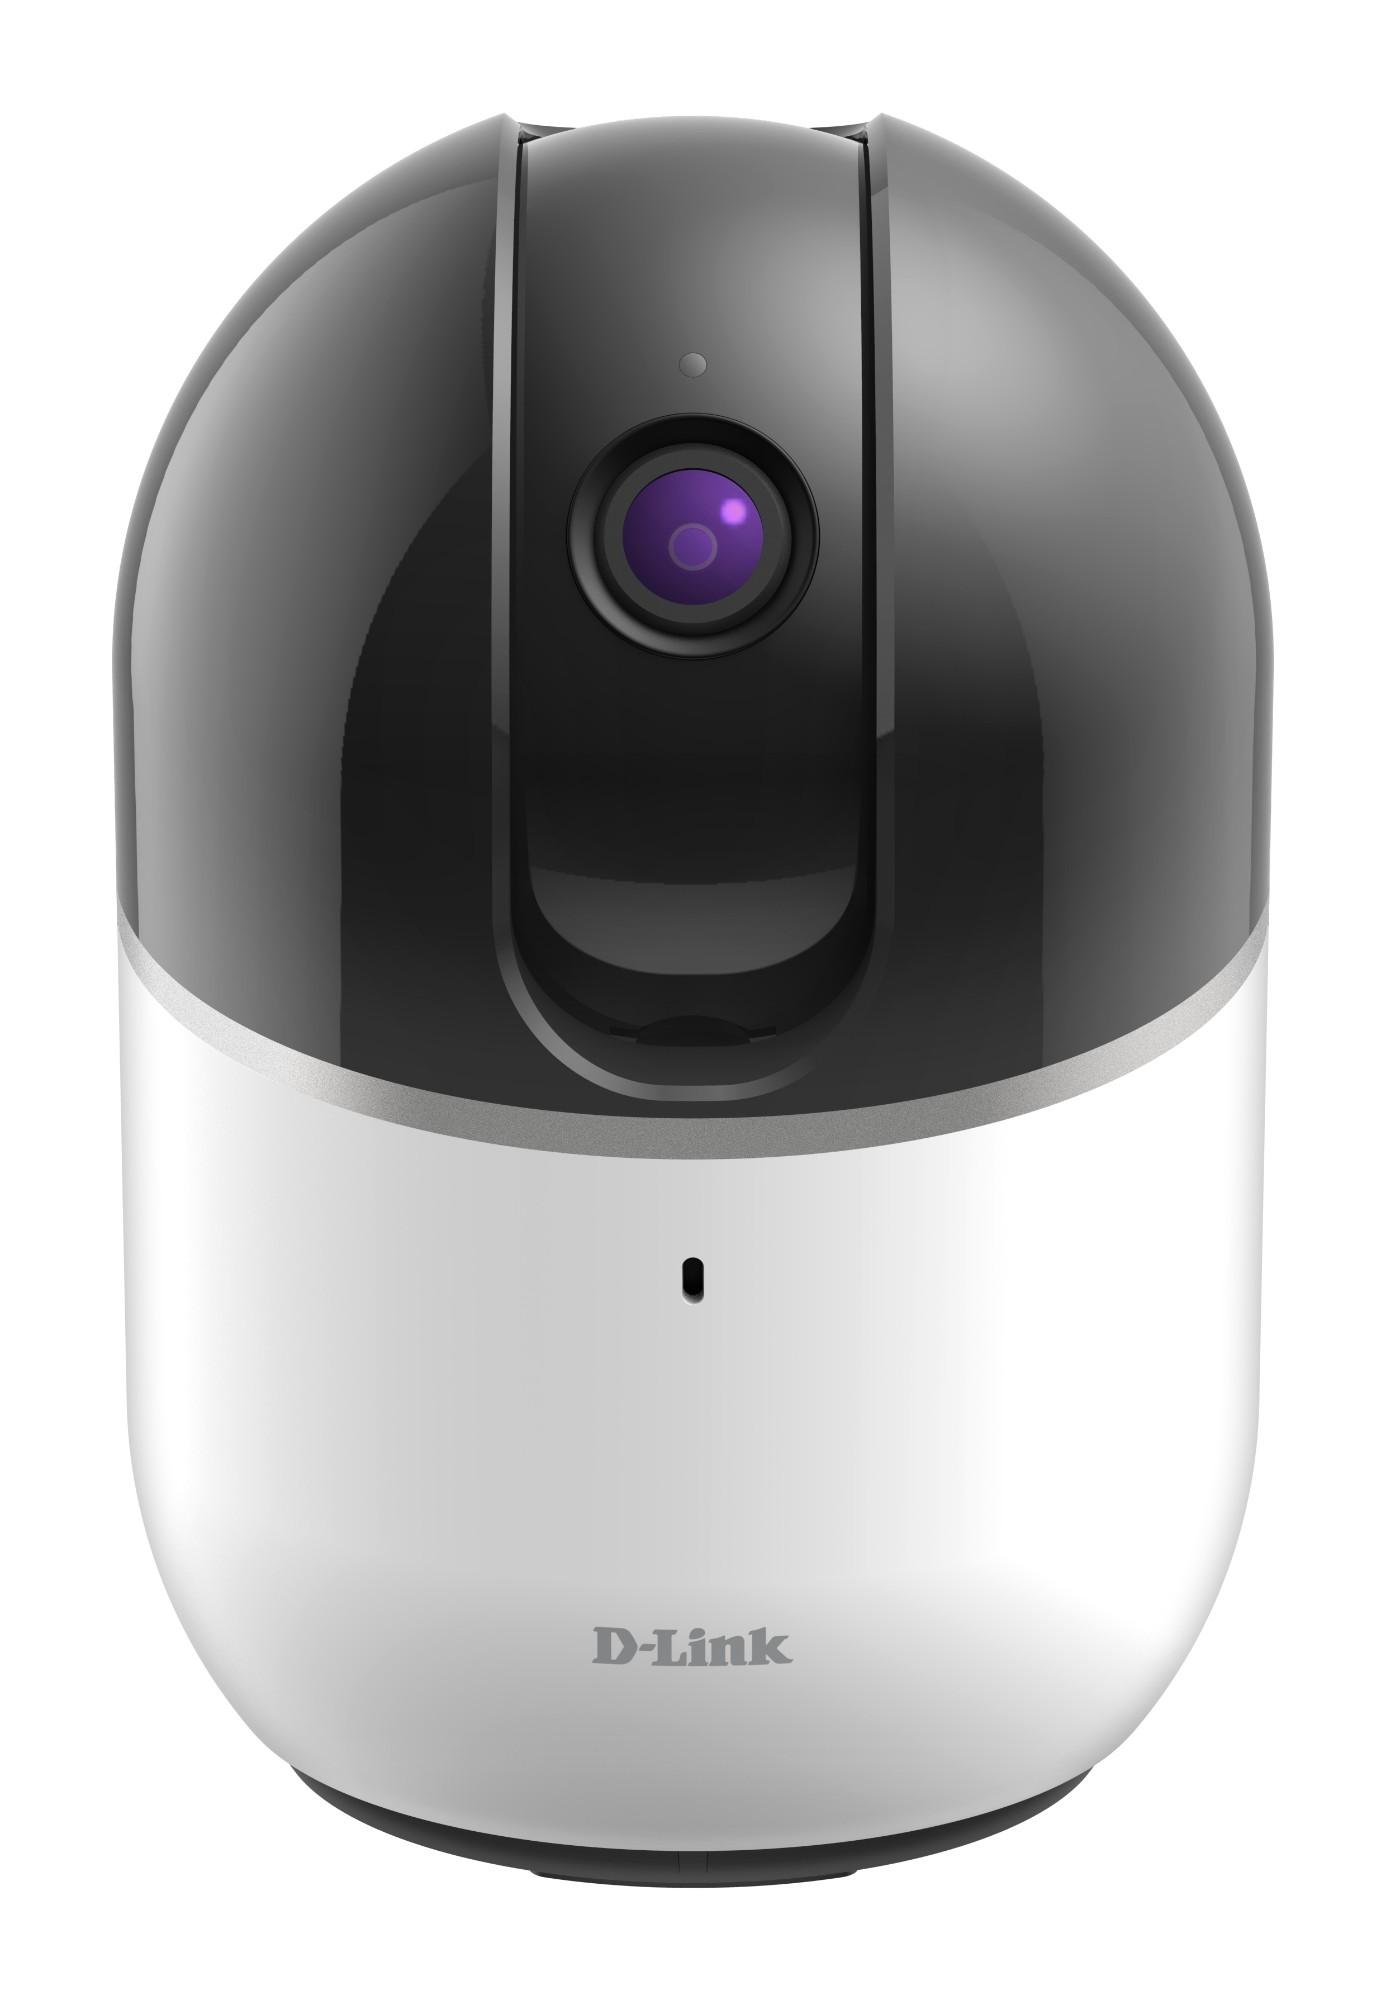 D-Link DCS-8515LH cámara de vigilancia Cámara de seguridad IP Interior Almohadilla Escritorio/pared 1280 x 720 Pixeles